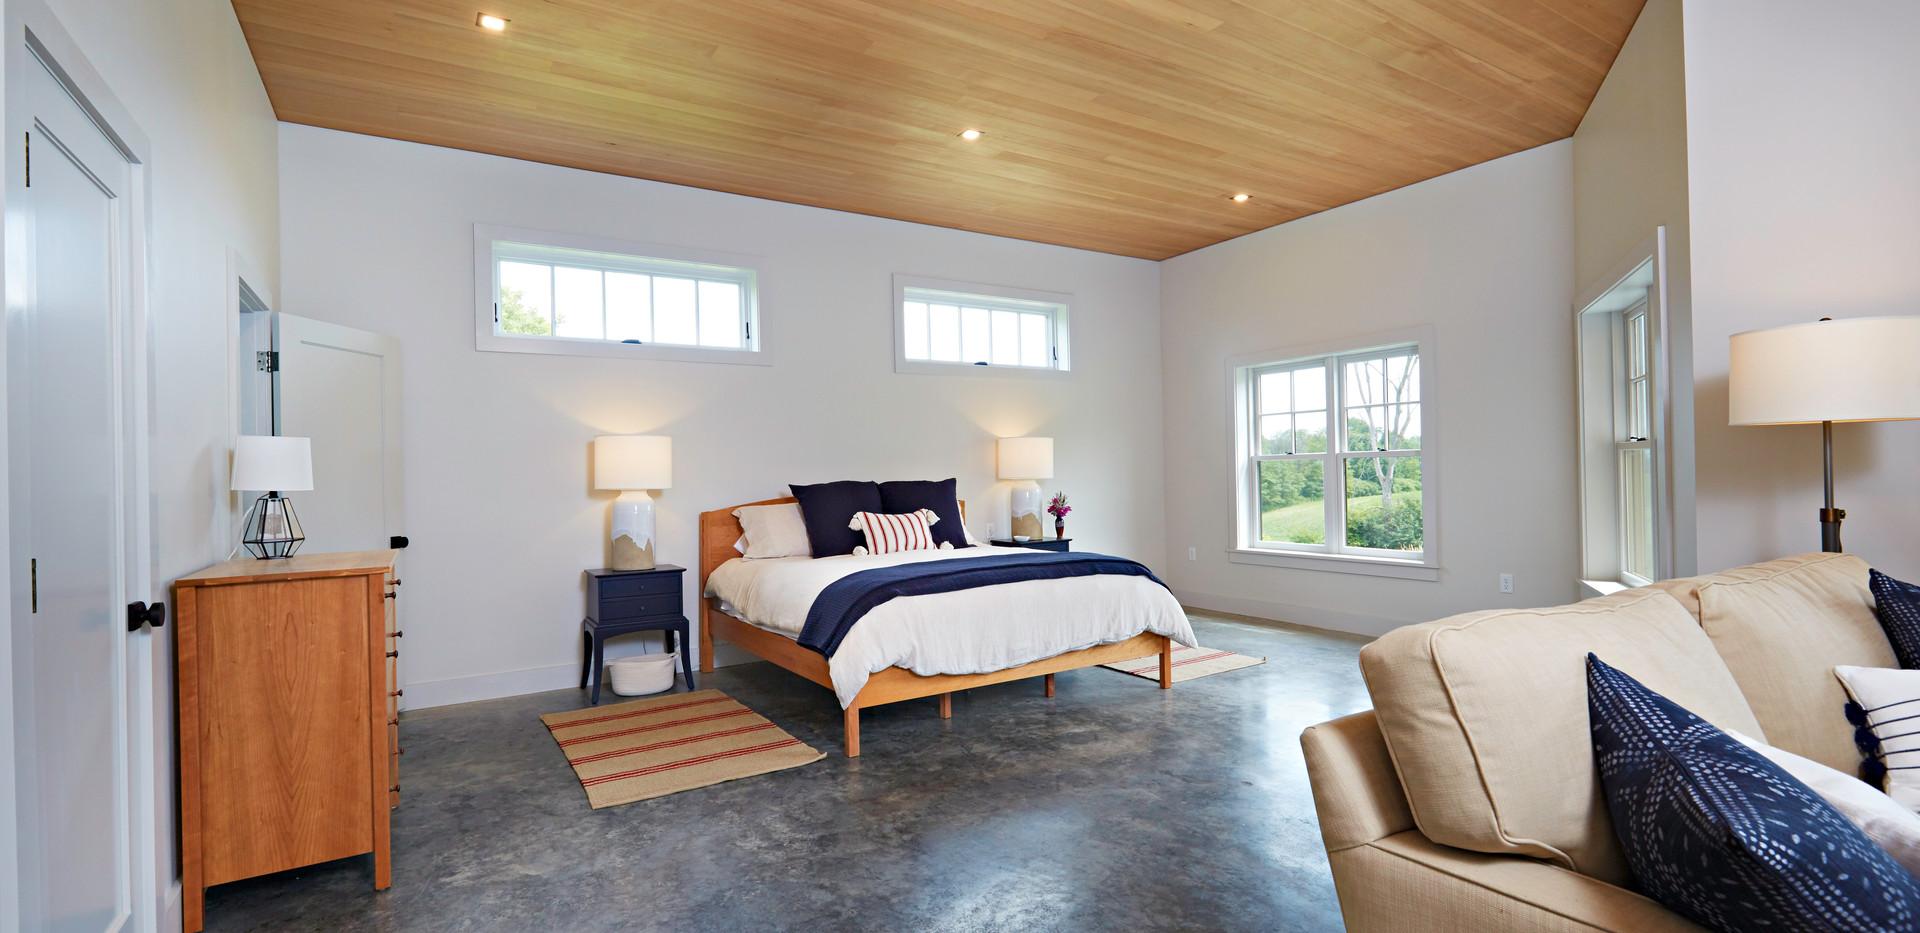 519-House_Bedroom-4.jpg